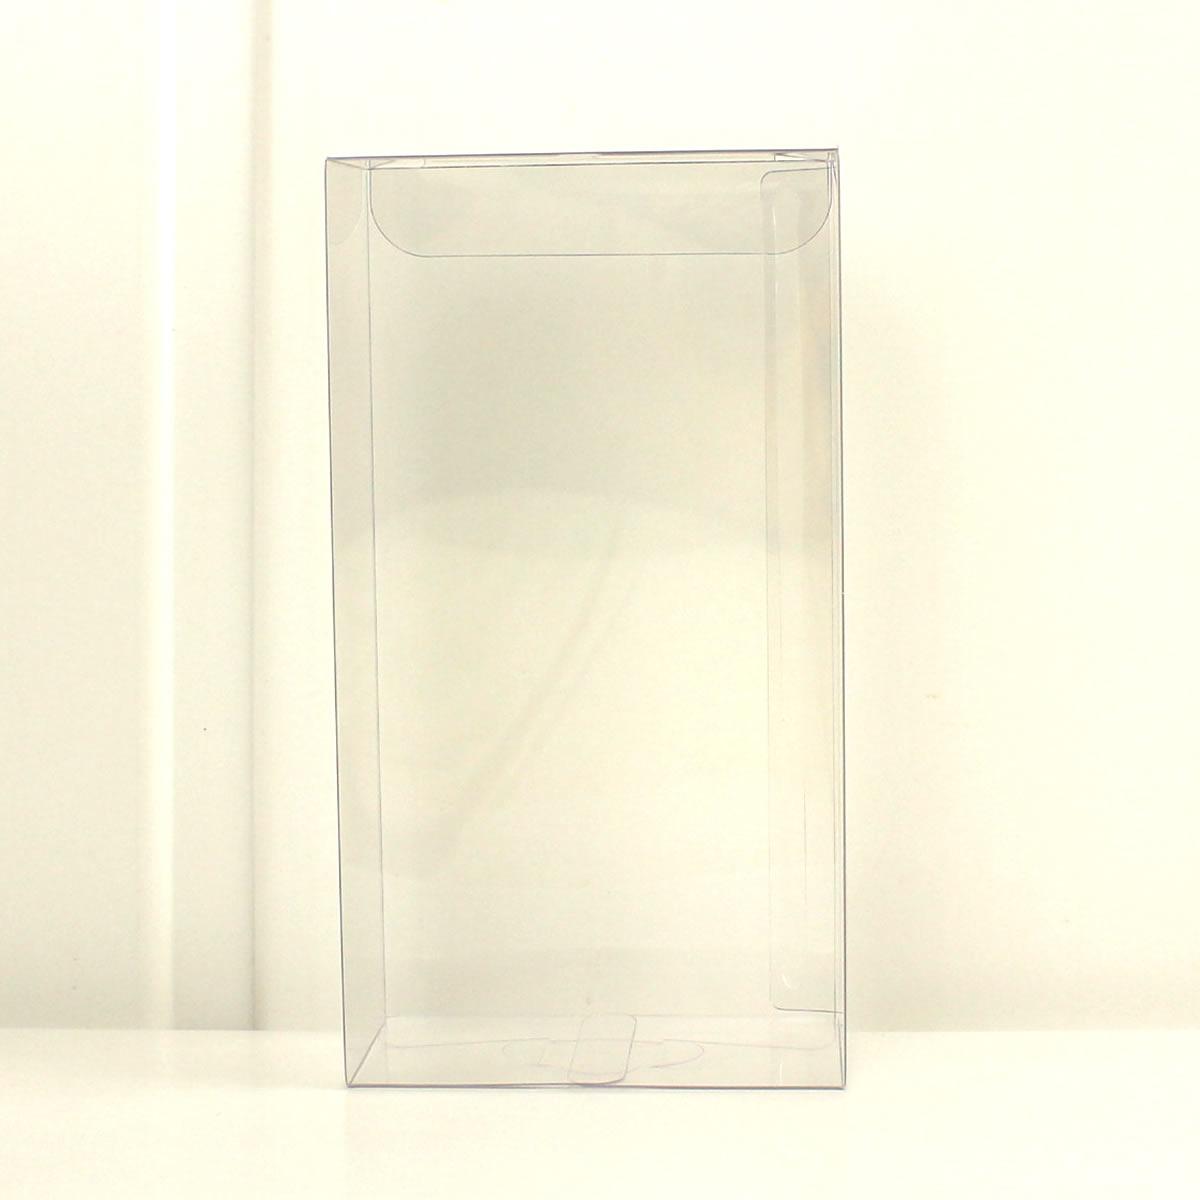 即日 クリアケース ハーバリウム瓶 (ウィスキー2:スキットル)200ml専用(はなどんやオリジナル)[10枚]《花資材・道具 ハーバリウム材料 ハーバリウム オイル》